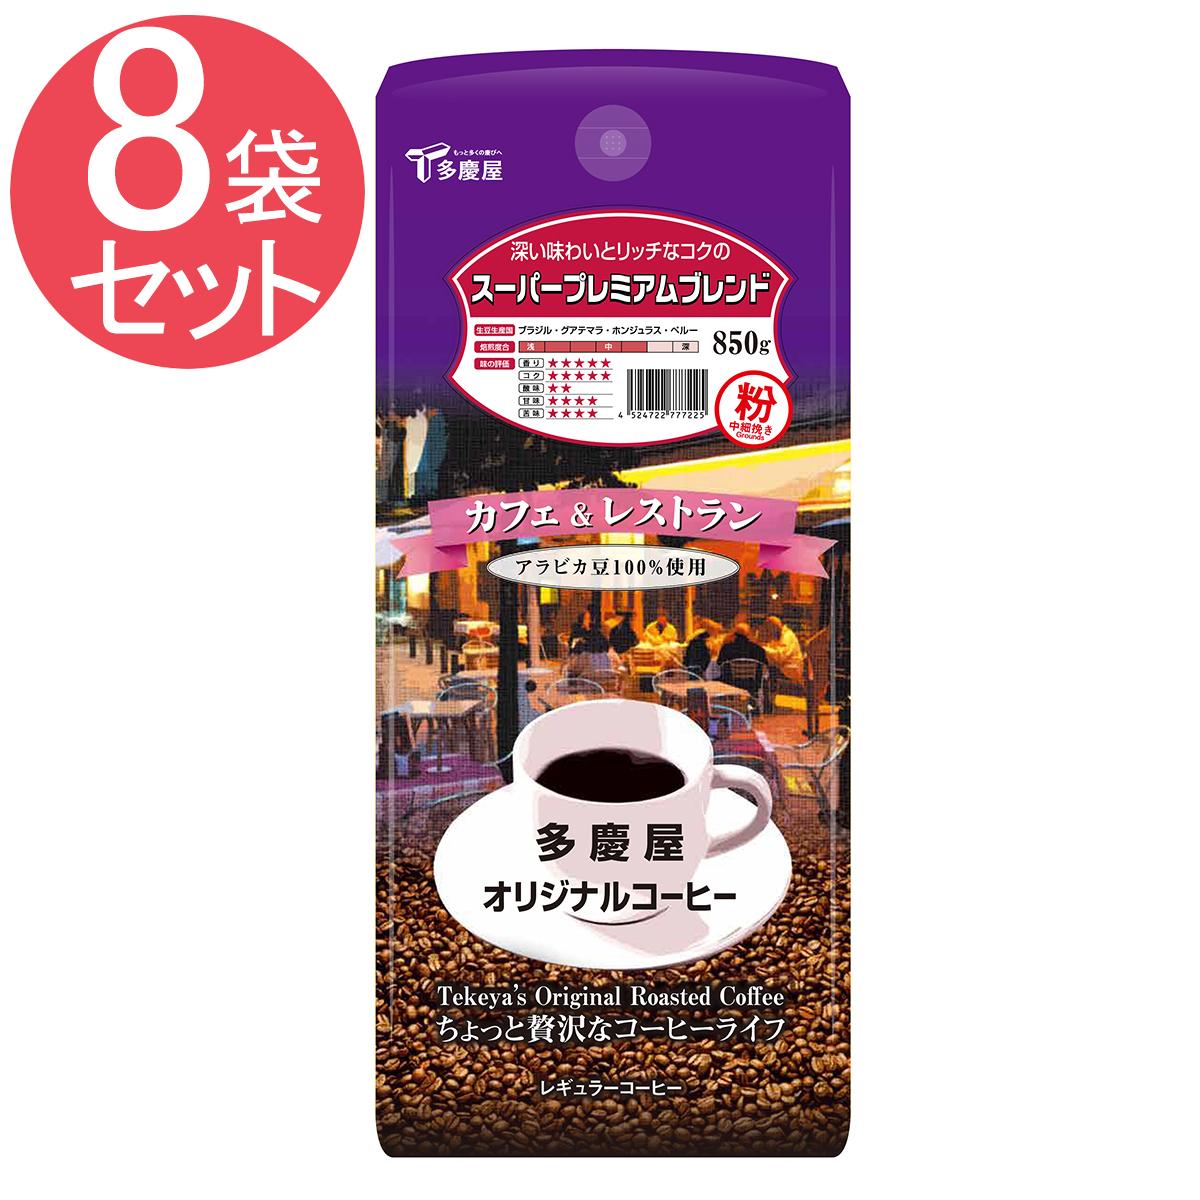 スーパープレミアムブレンド 粉 850g×8袋セット 多慶屋オリジナルコーヒー 【カフェ&レストラン】 コーヒー粉 レギュラーコーヒー 珈琲